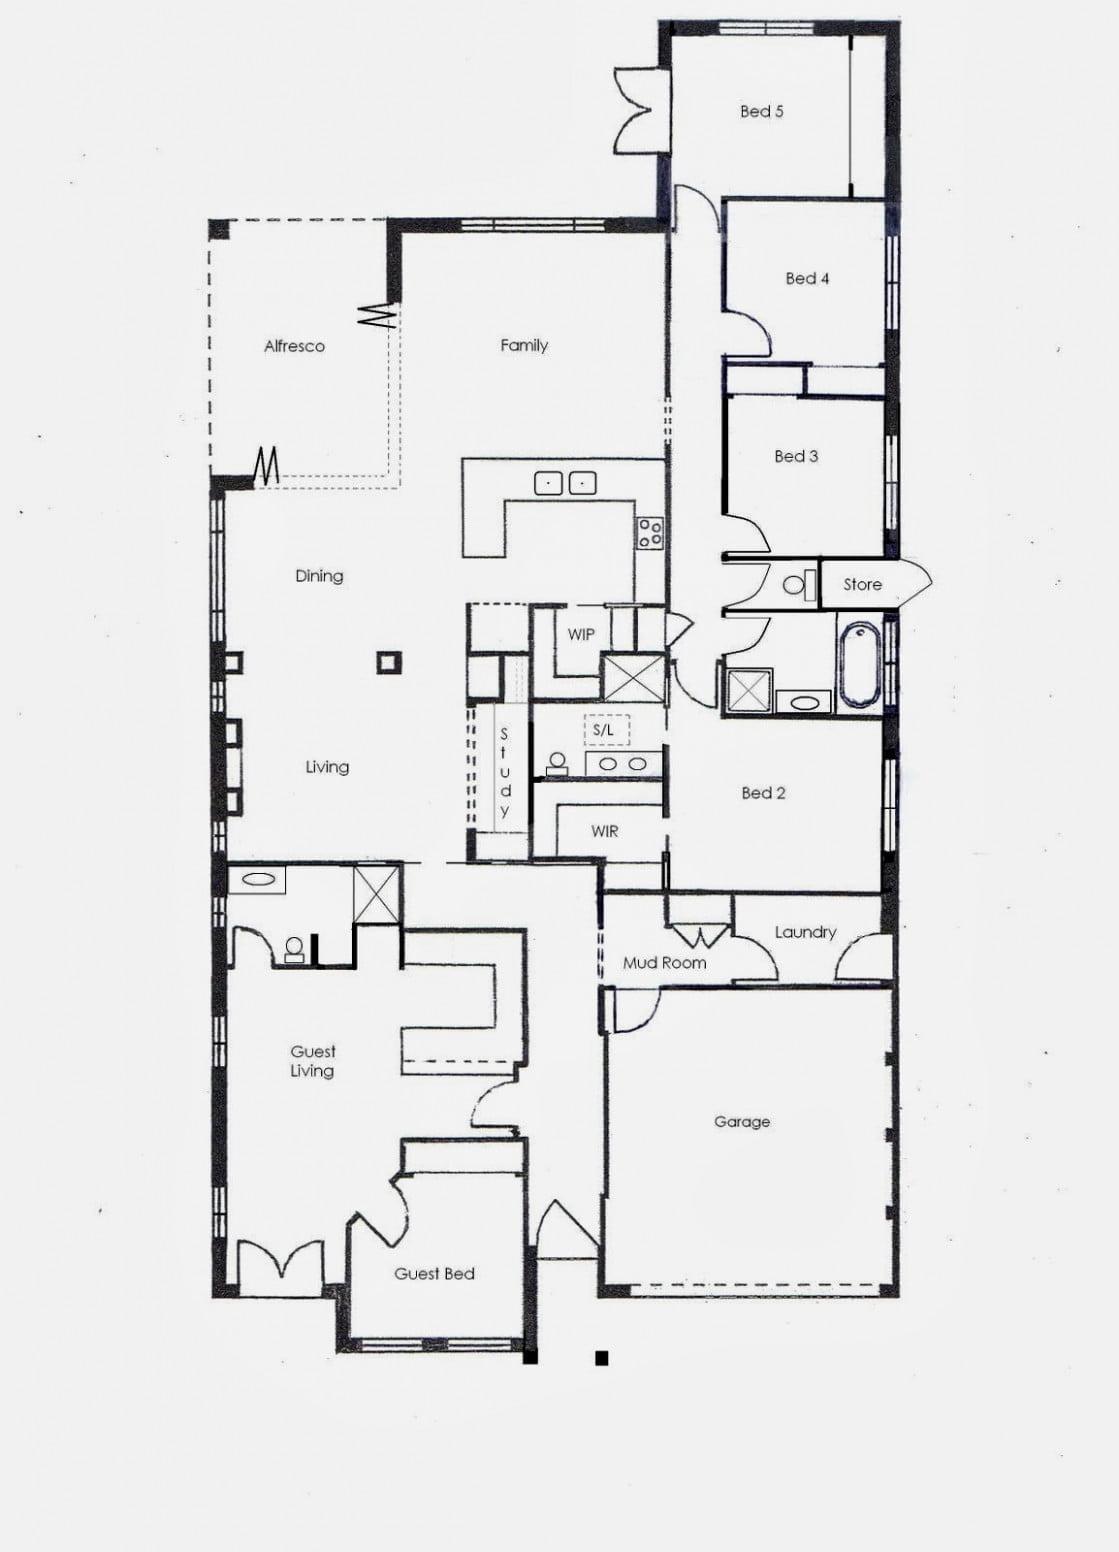 Menyenangkan 21 Gambar Rumah Minimalis 1 Kamar 16 Tentang Ide Renovasi Rumah oleh 21 Gambar Rumah Minimalis 1 Kamar